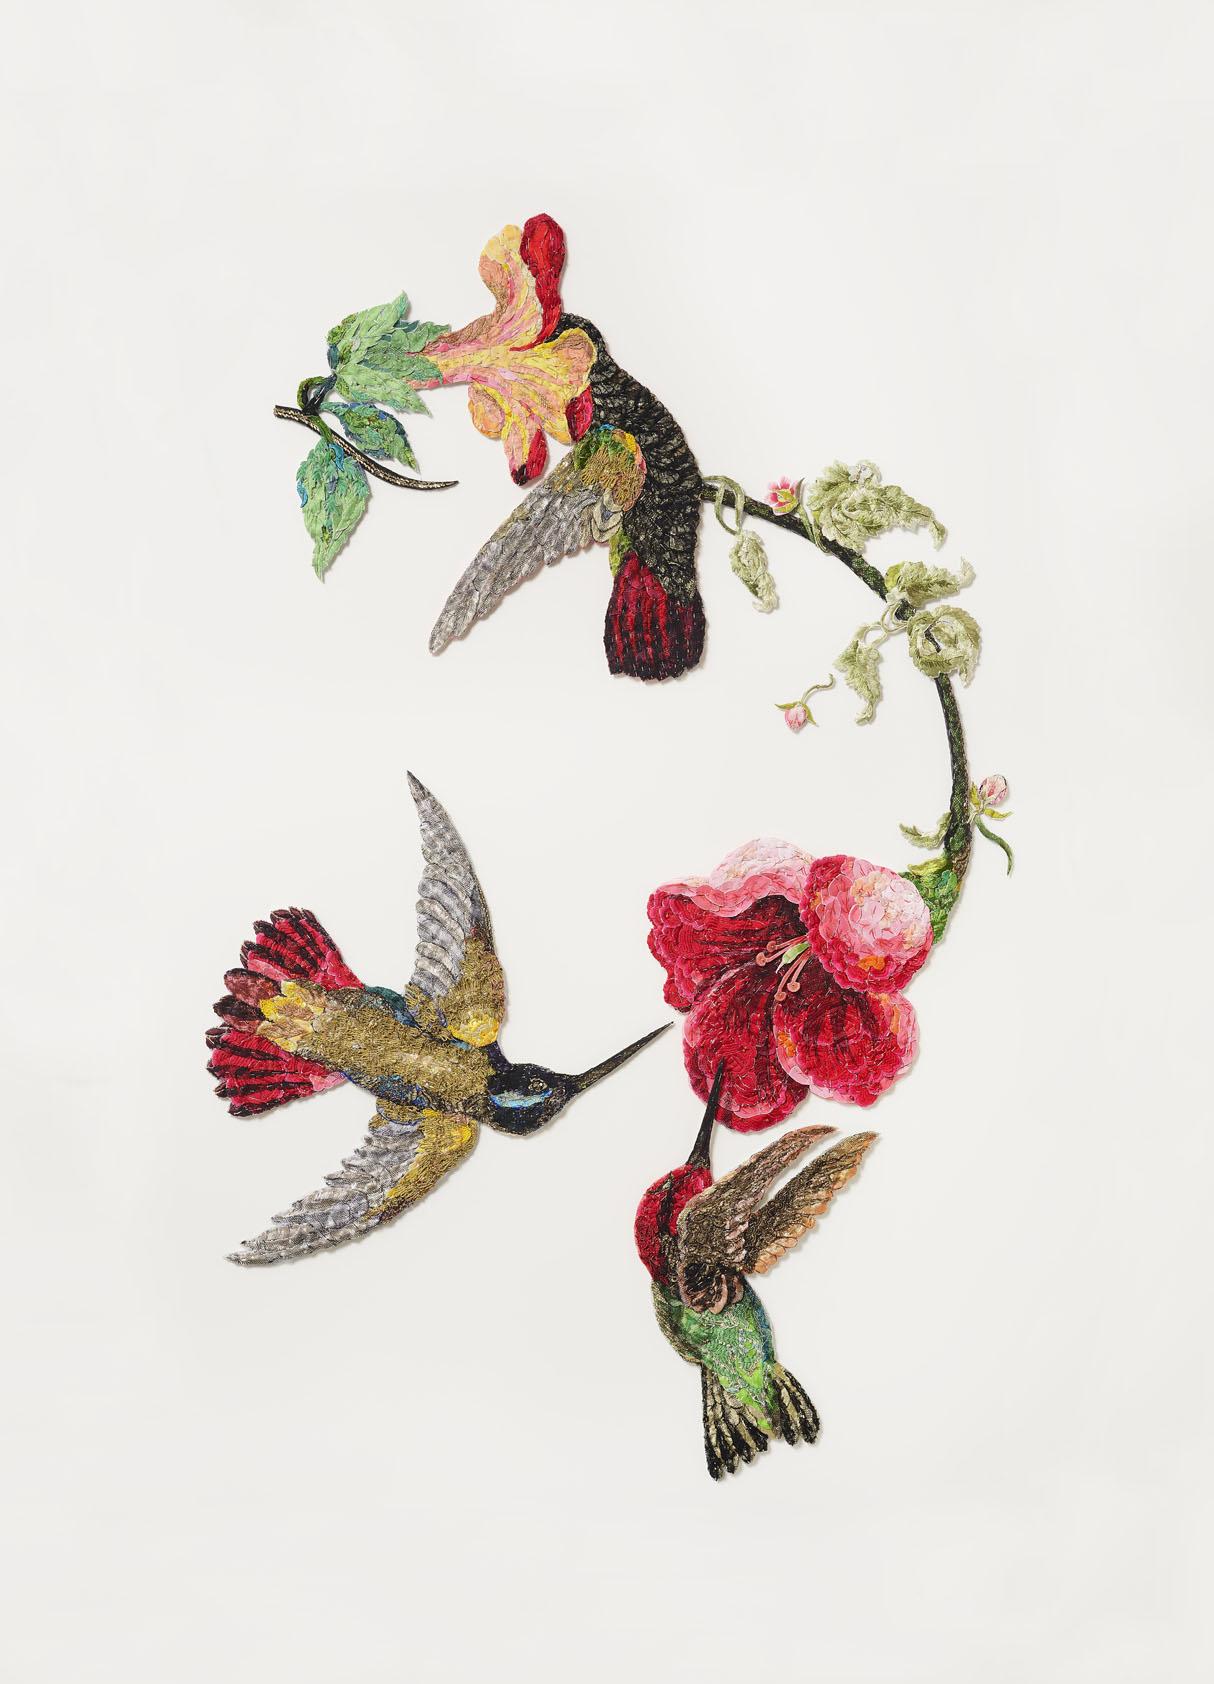 Sky Jewels 2016 after John James Audubon 1833